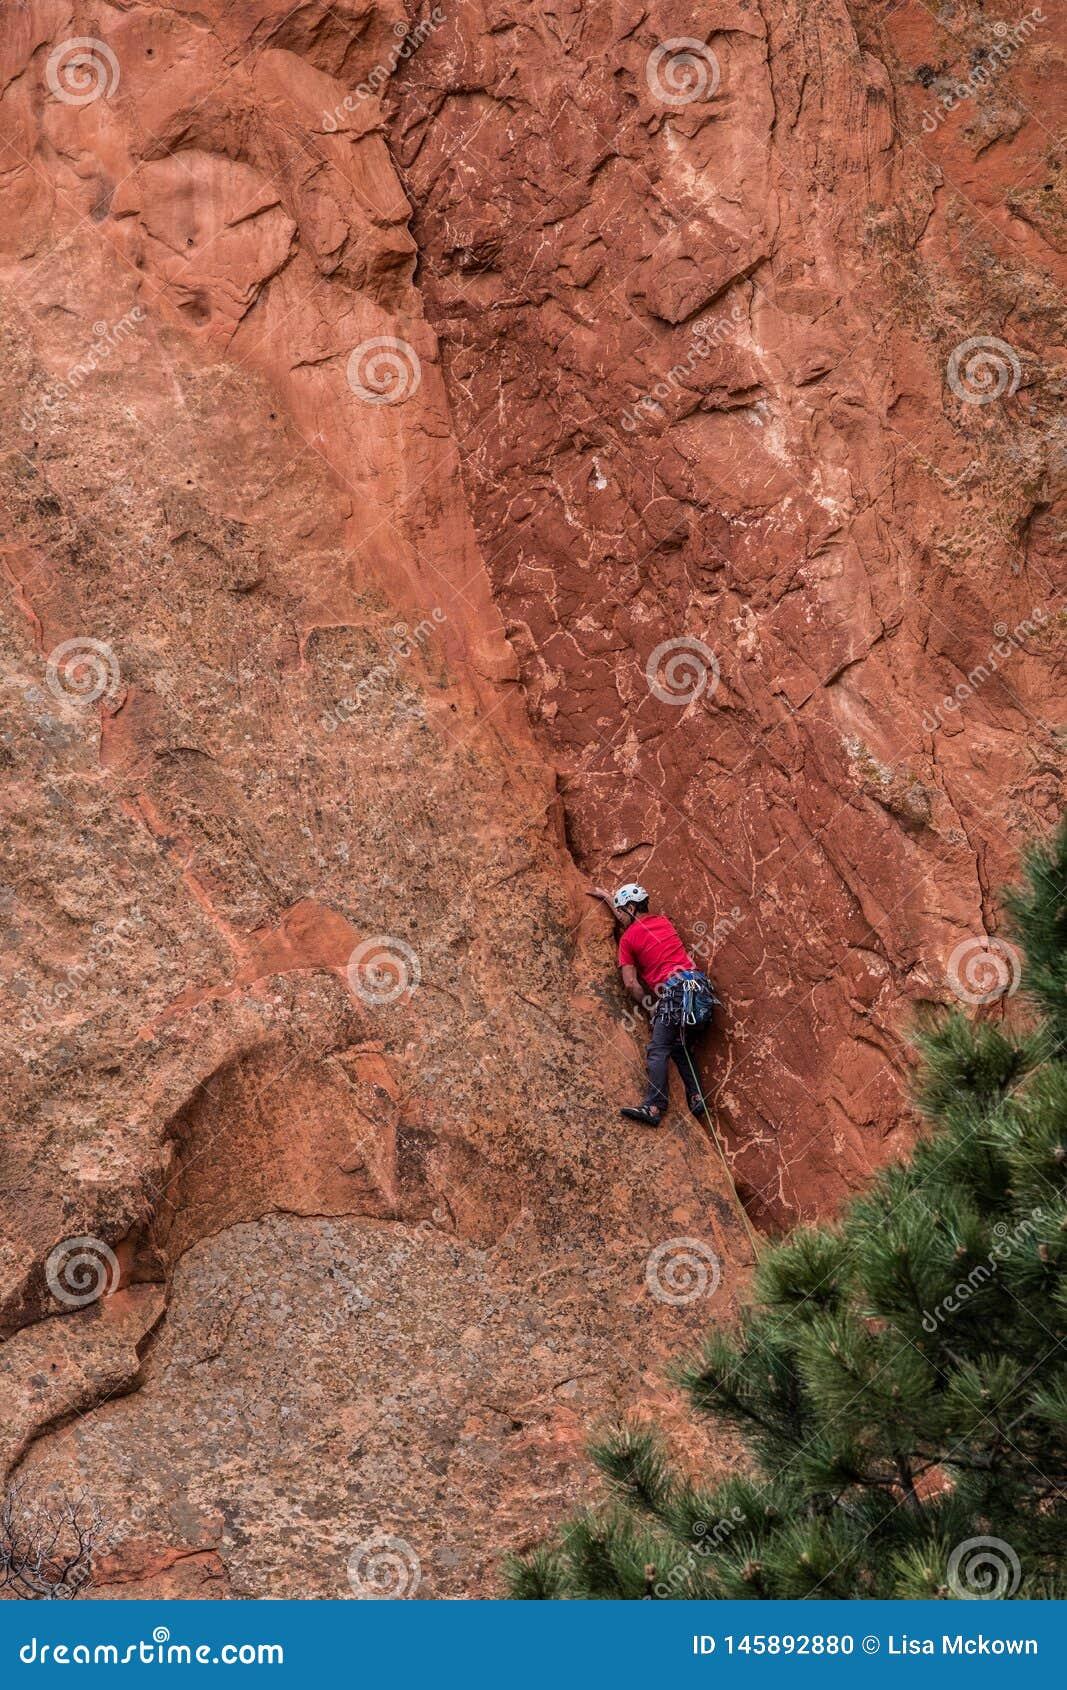 Slifee de la roca de la escalada en el jardín de las montañas rocosas de Colorado Springs de dioses